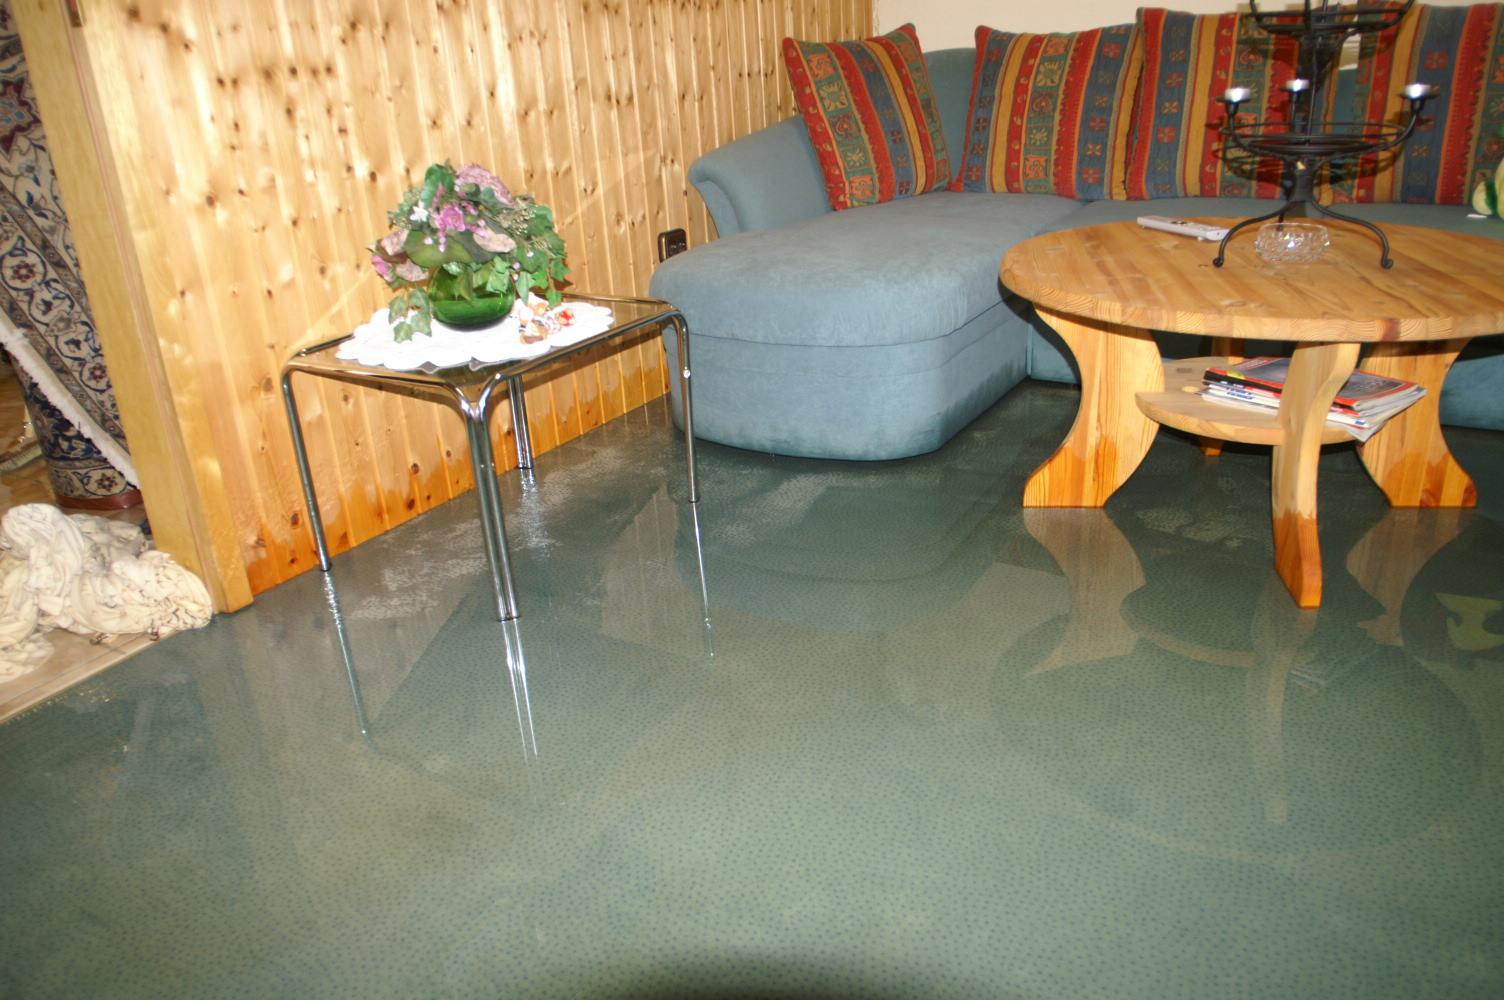 Überflutung im Gebäude